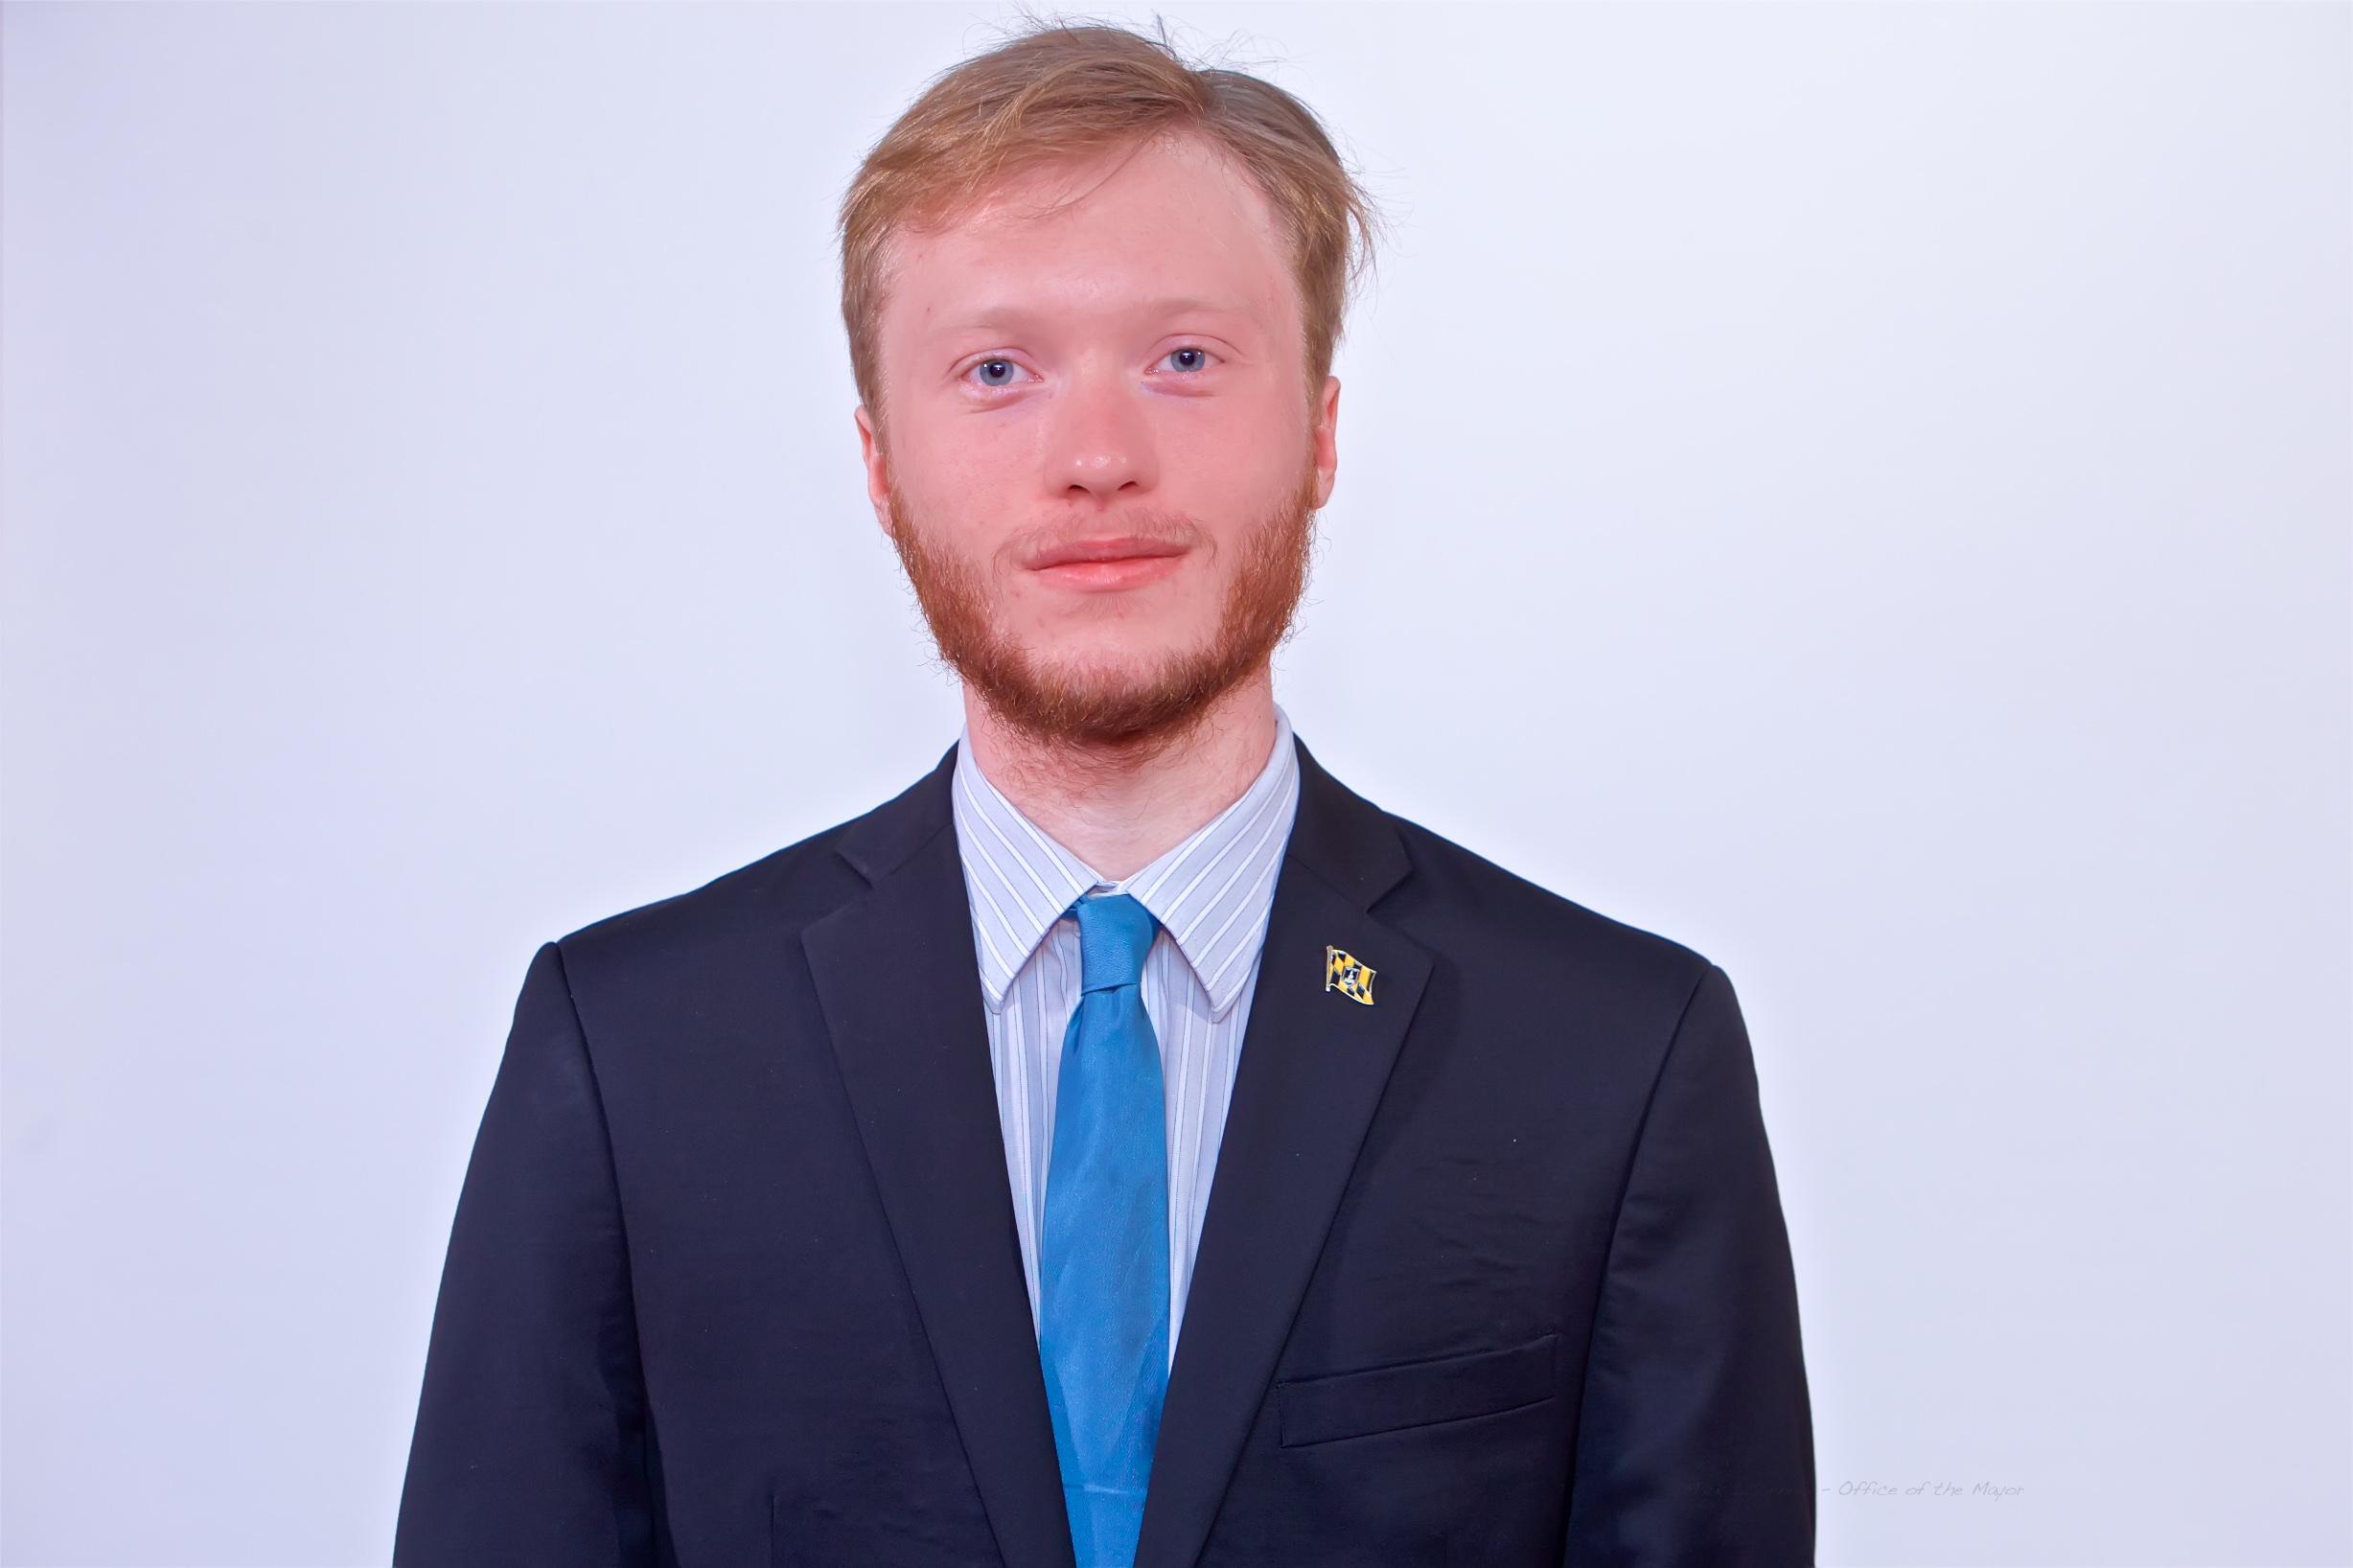 Evan Drukker-Schardl